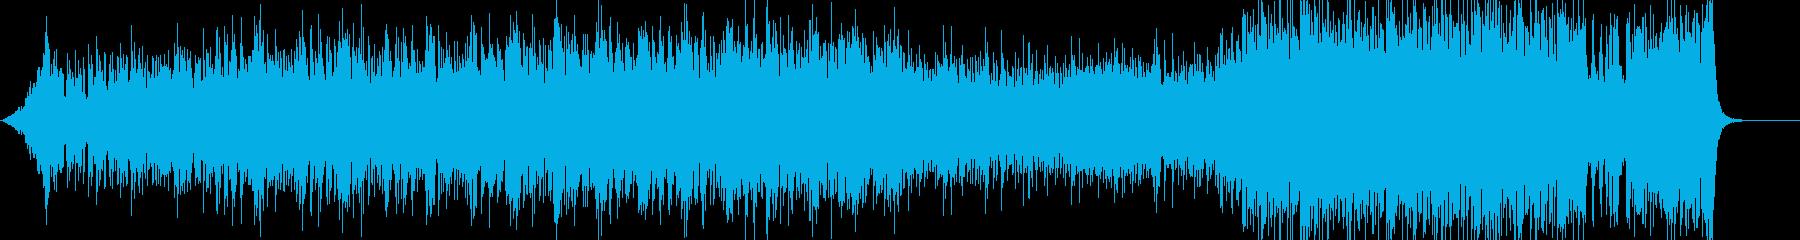 壮大&かっこいいインストストリングスの再生済みの波形